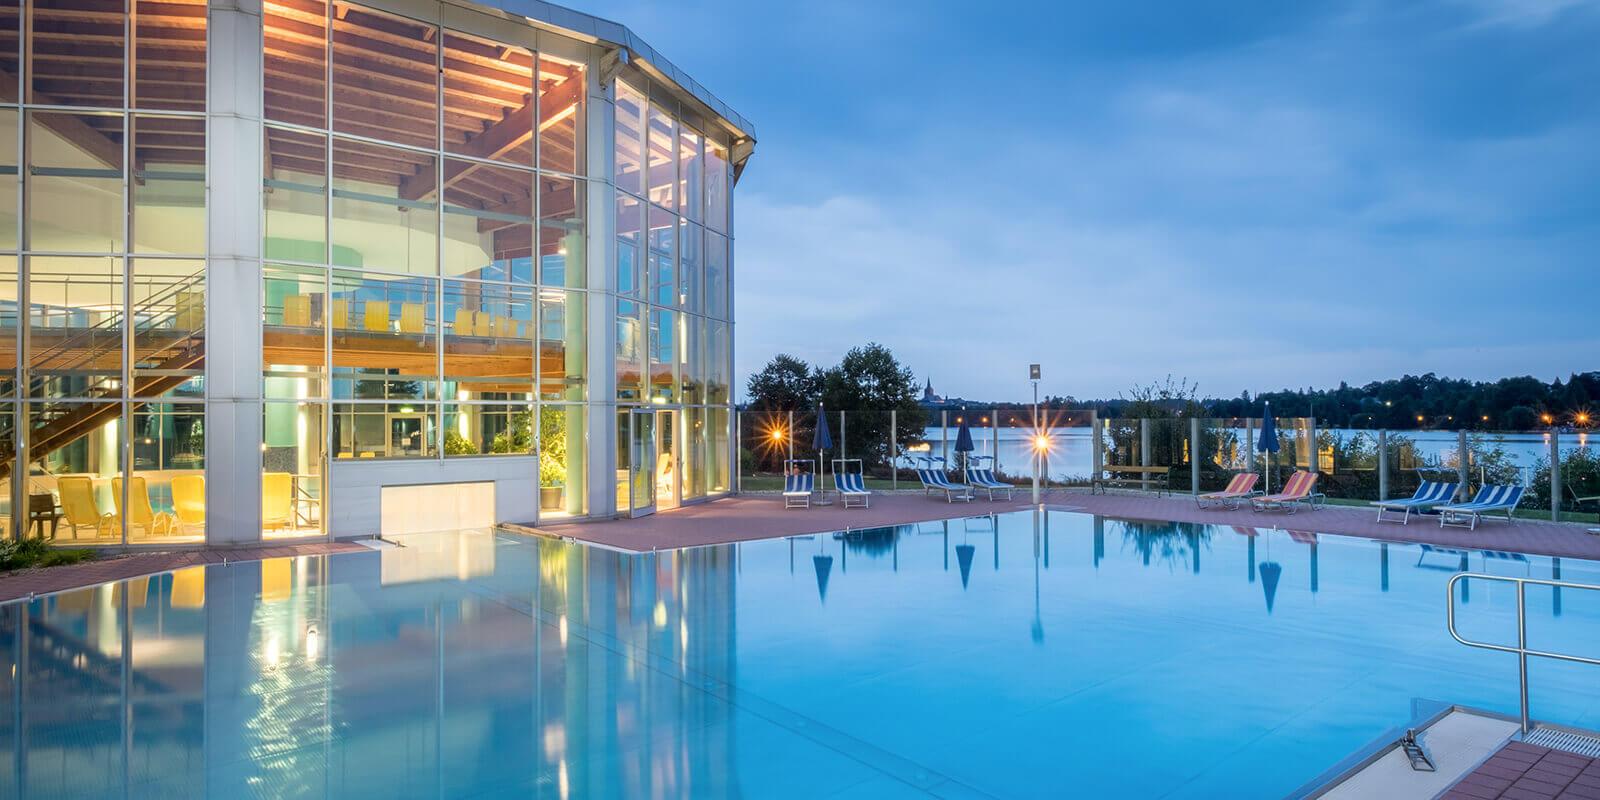 Großzügige Badelandschaft mit beheiztem Außenschwimmbecken und Seeblick